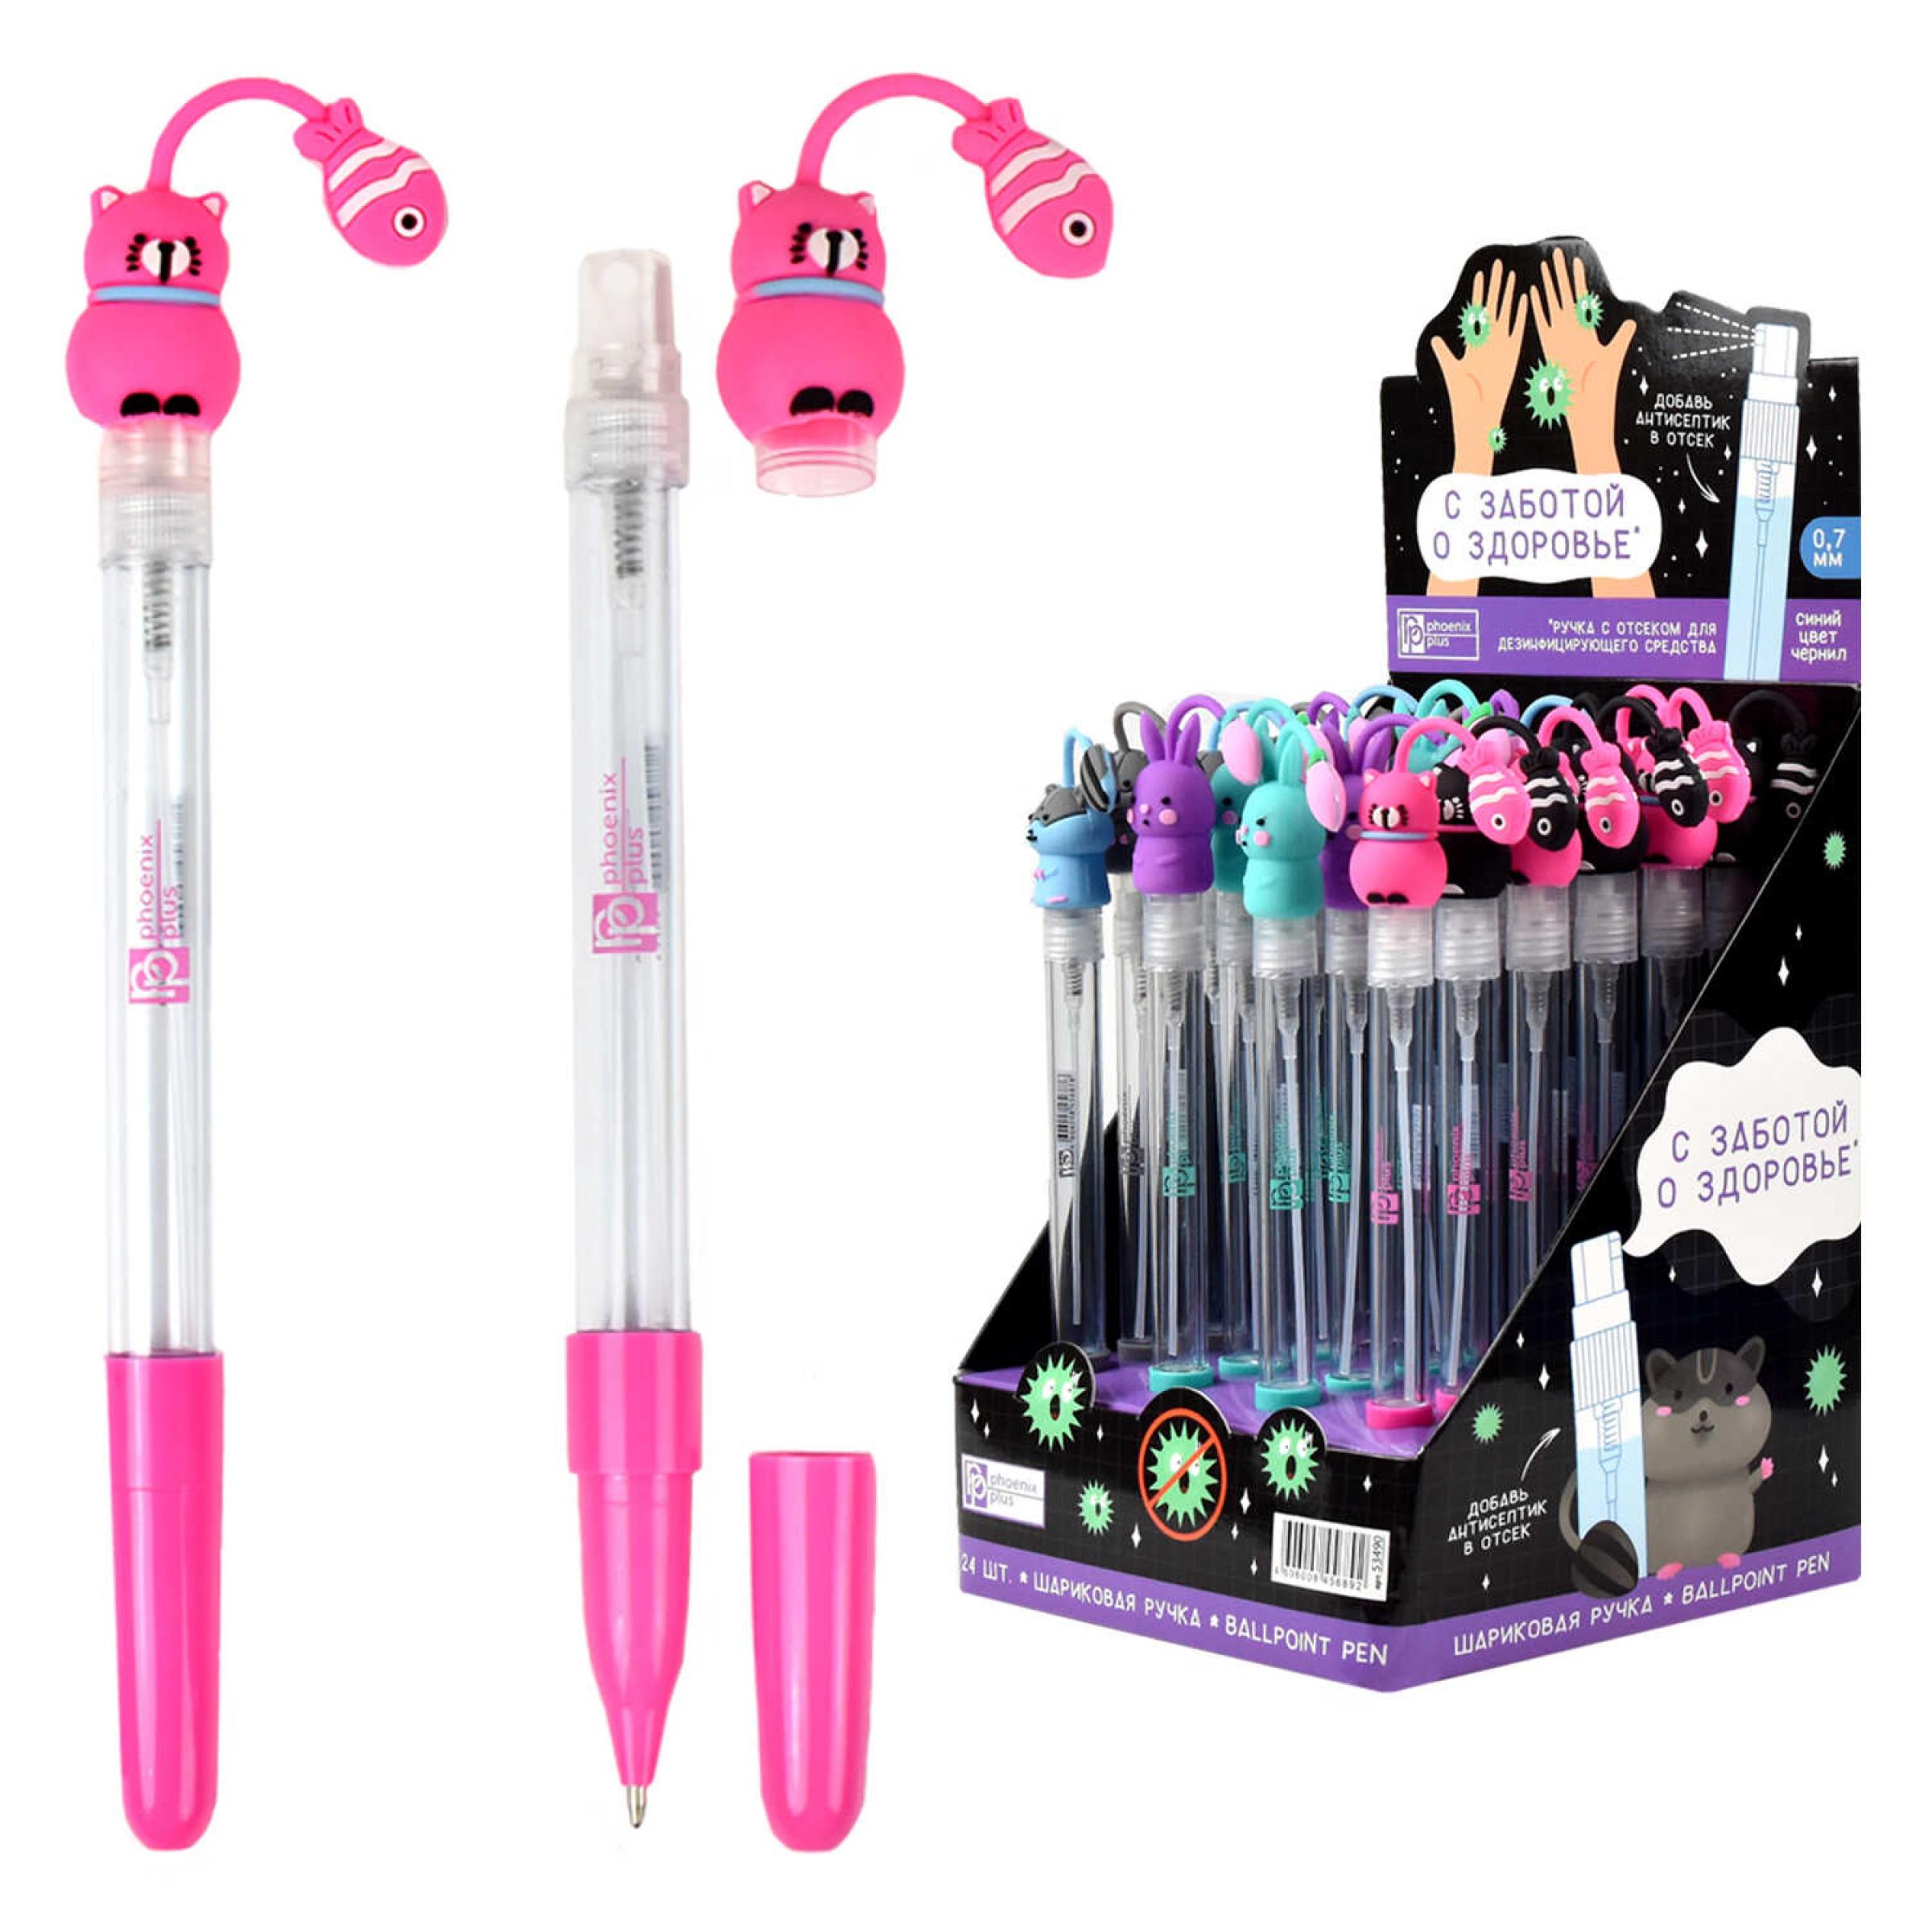 Ручка шариковая с дозатором для дезинфицирующего средства, 1шт.